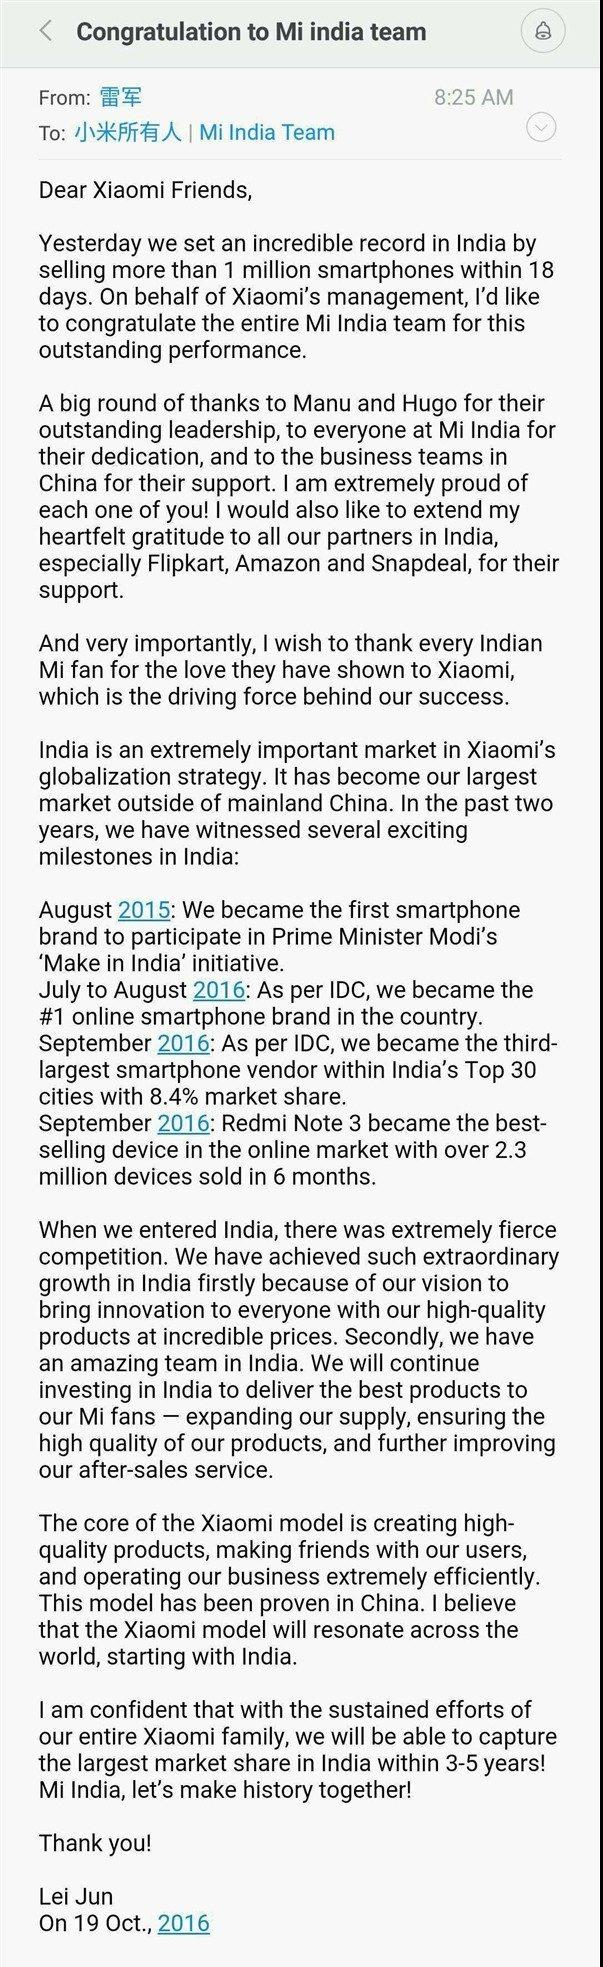 Lei Jun congratulates Mi India for setting a new milestone